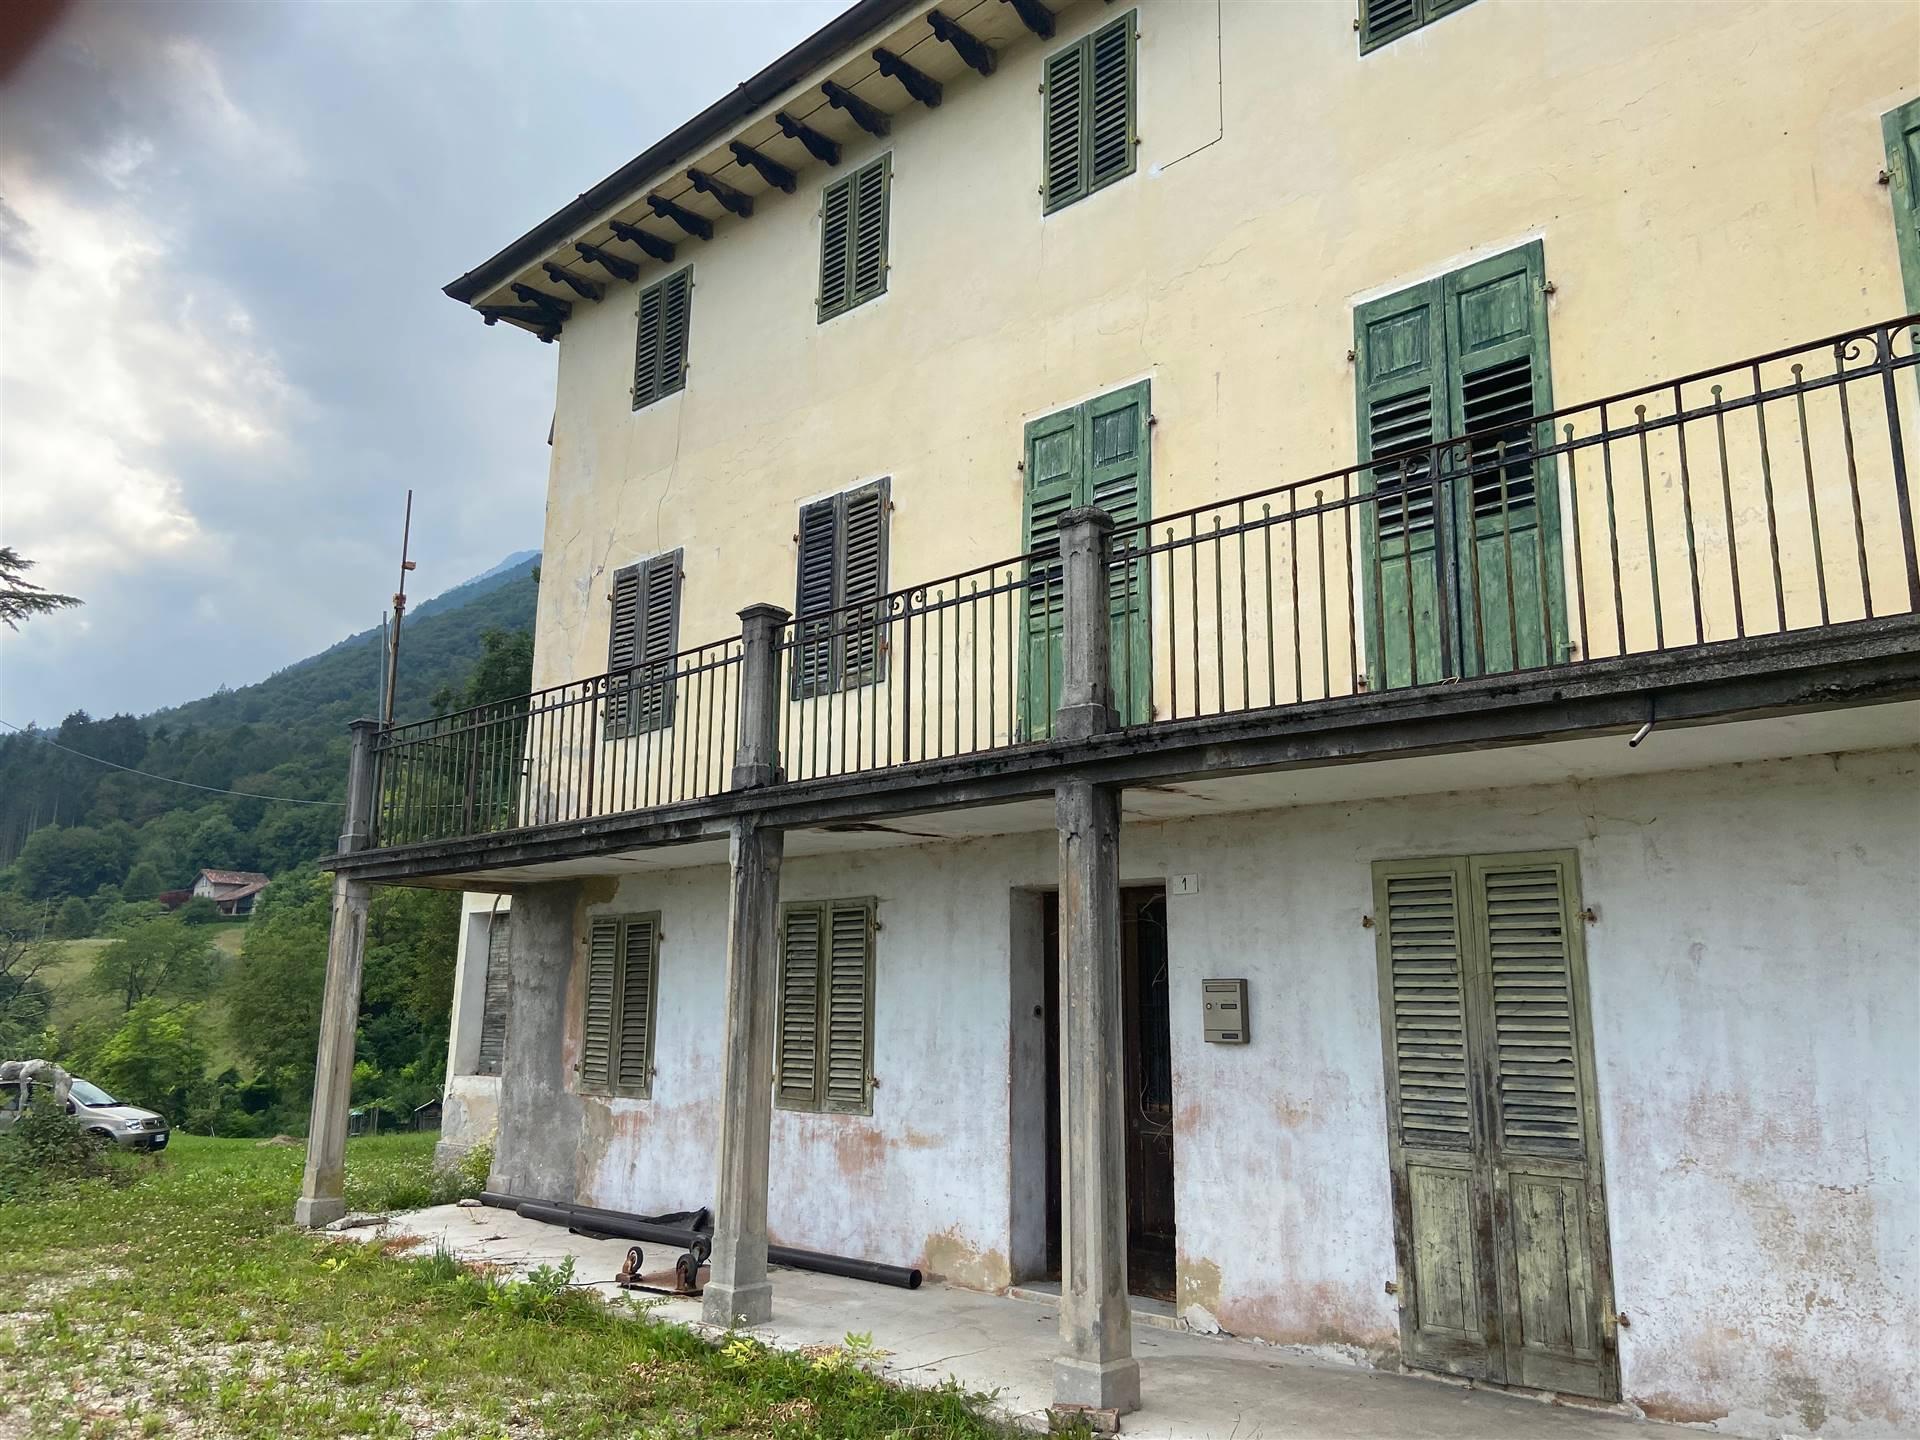 Rustico / Casale in vendita a Sospirolo, 14 locali, zona Località: VOLPEZ, prezzo € 180.000 | CambioCasa.it